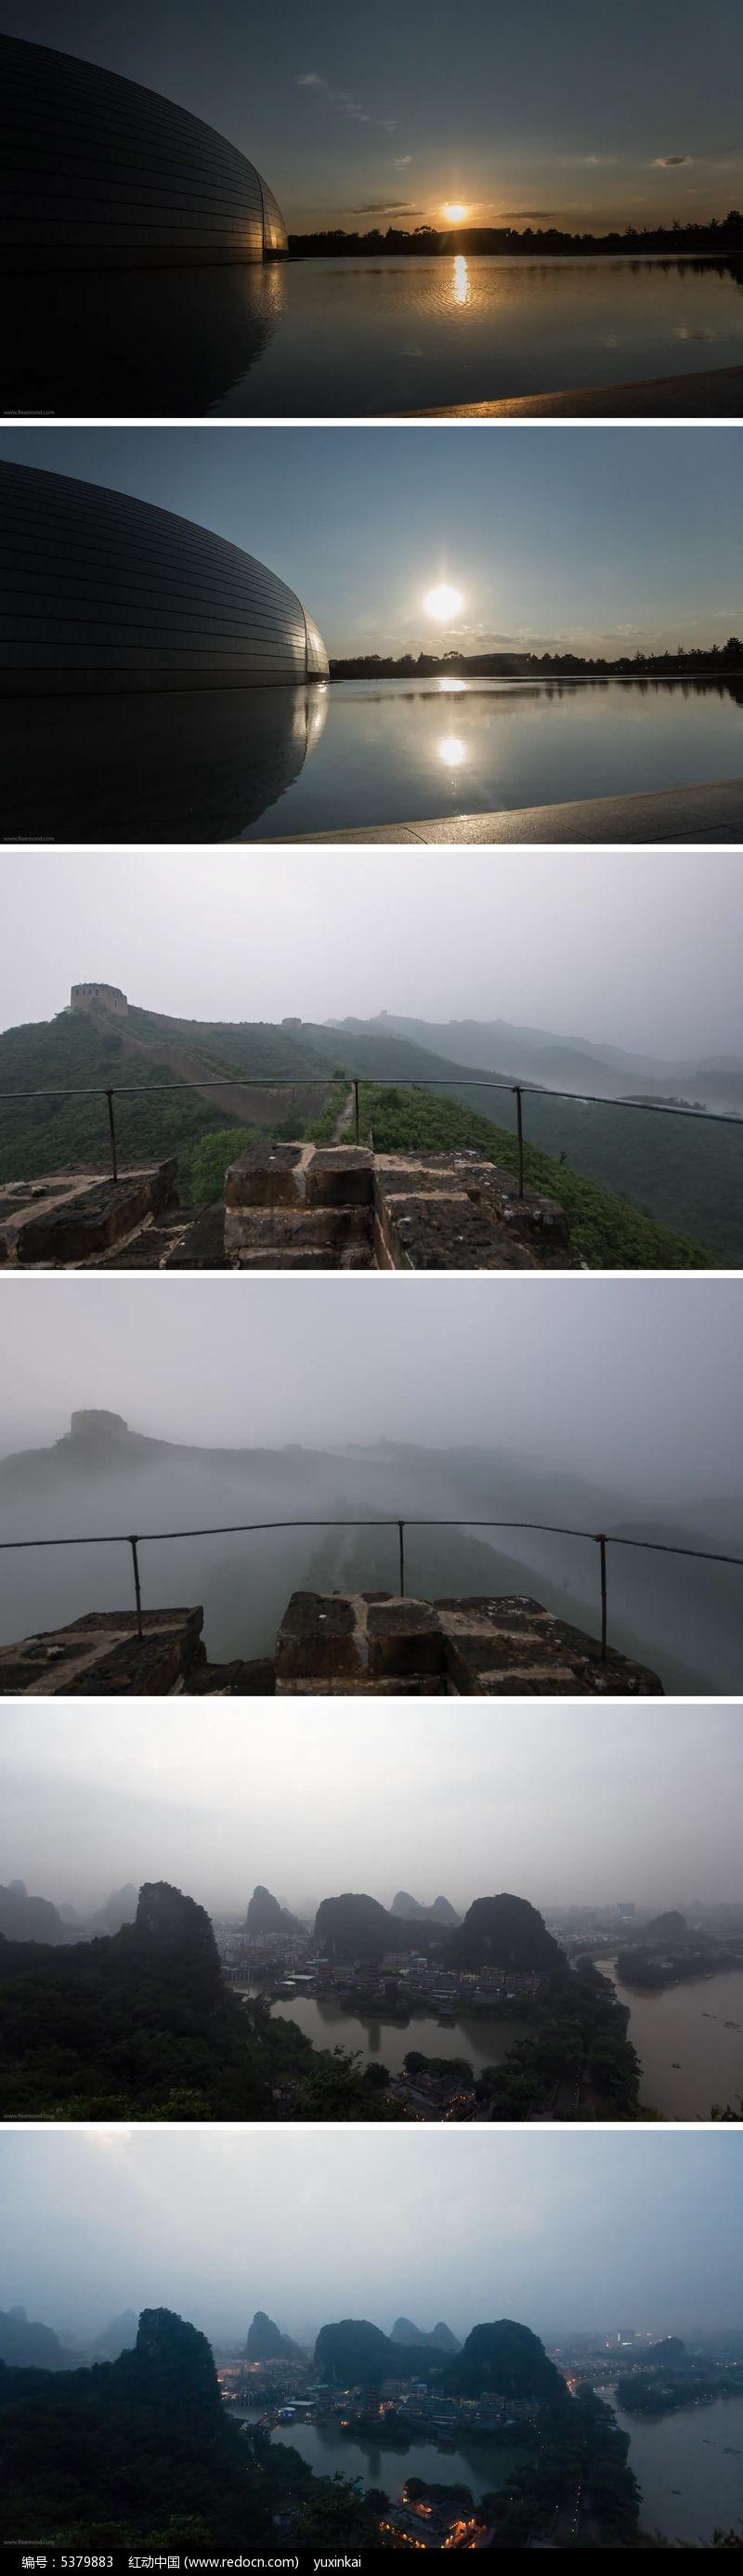 实拍北京著名建筑图片